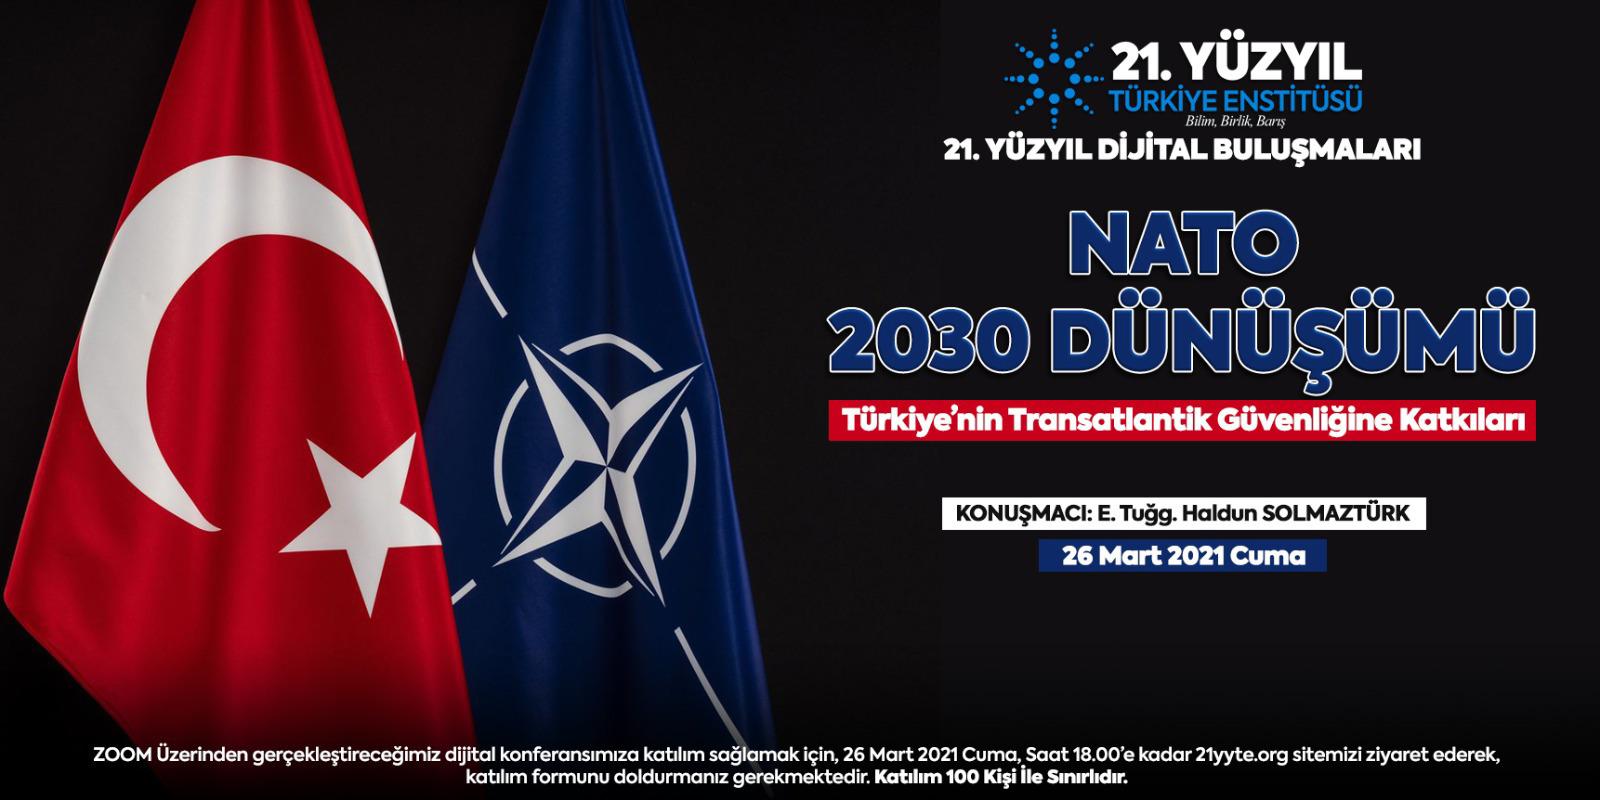 DÜZELTME - DİJİTAL TOPLANTI – NATO 2030 Dönüşümü (Yeni Bir Çağ için Birliktelik Raporu) çerçevesinde Türkiye'nin Transatlantik Güvenliğine Katkıları